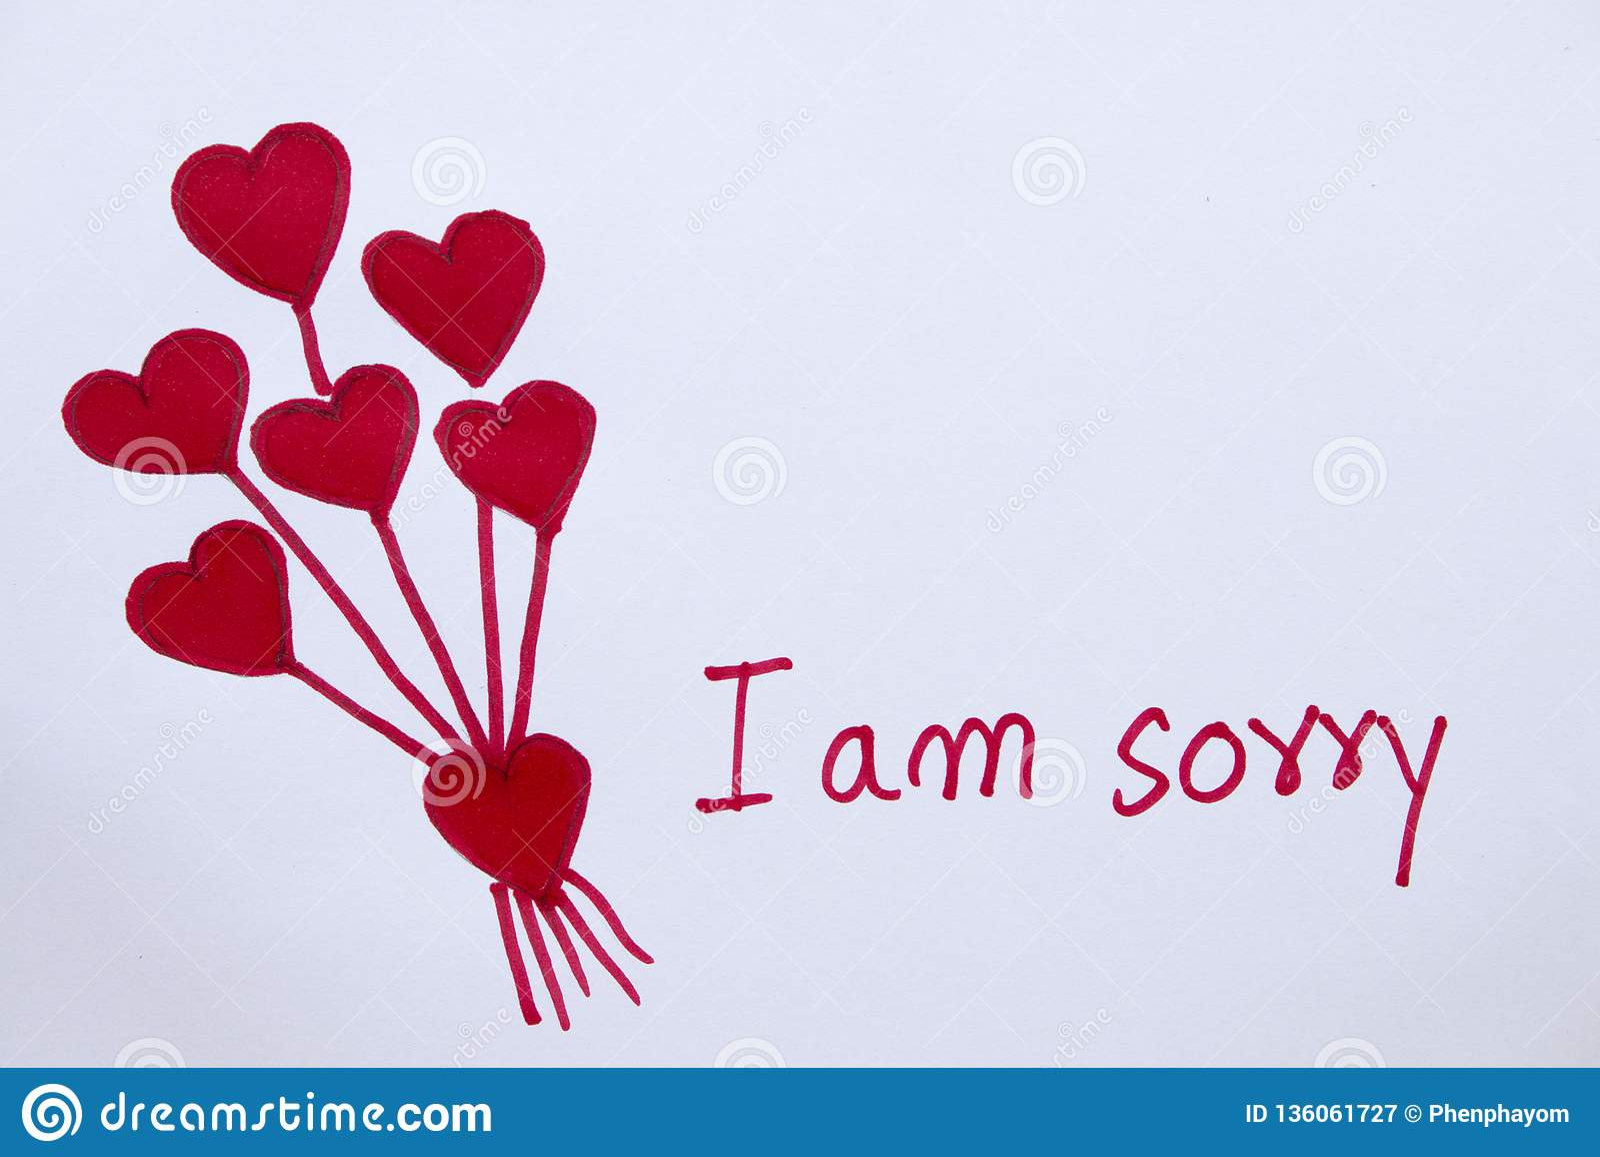 Es mir leid bilder tut sorry Sorry nur